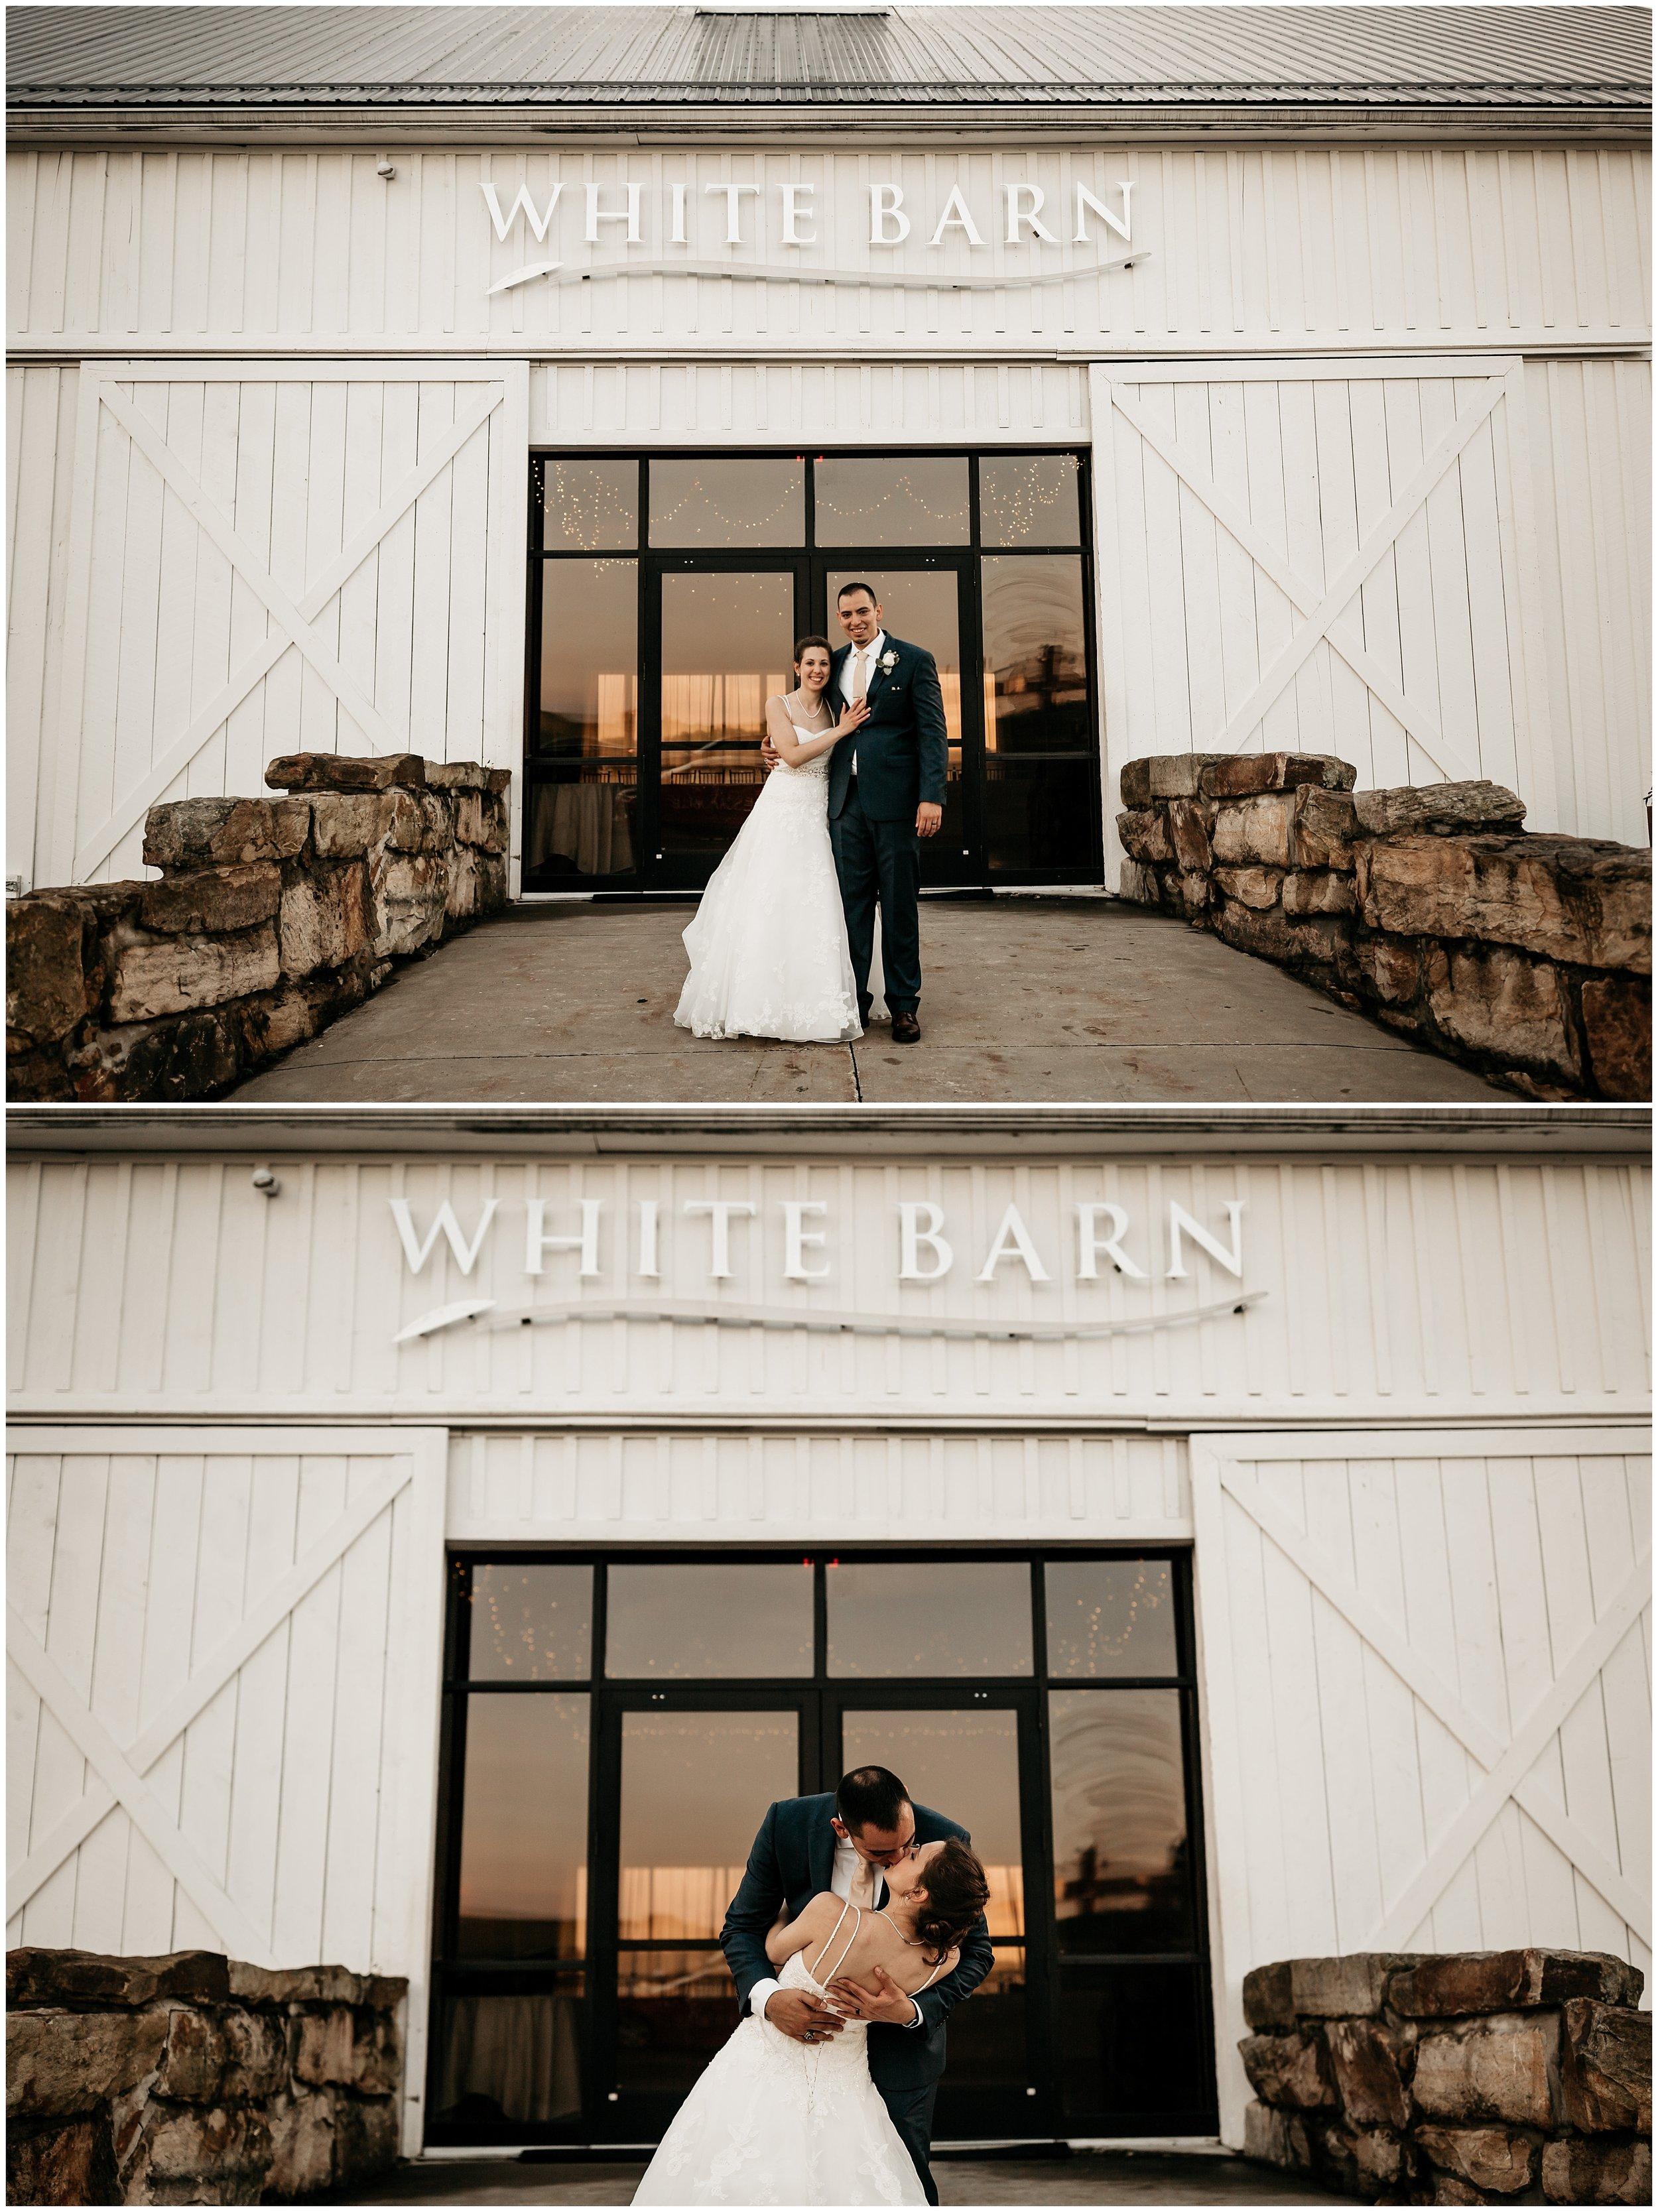 whitebarnprospectweddingphotos_0037.jpg